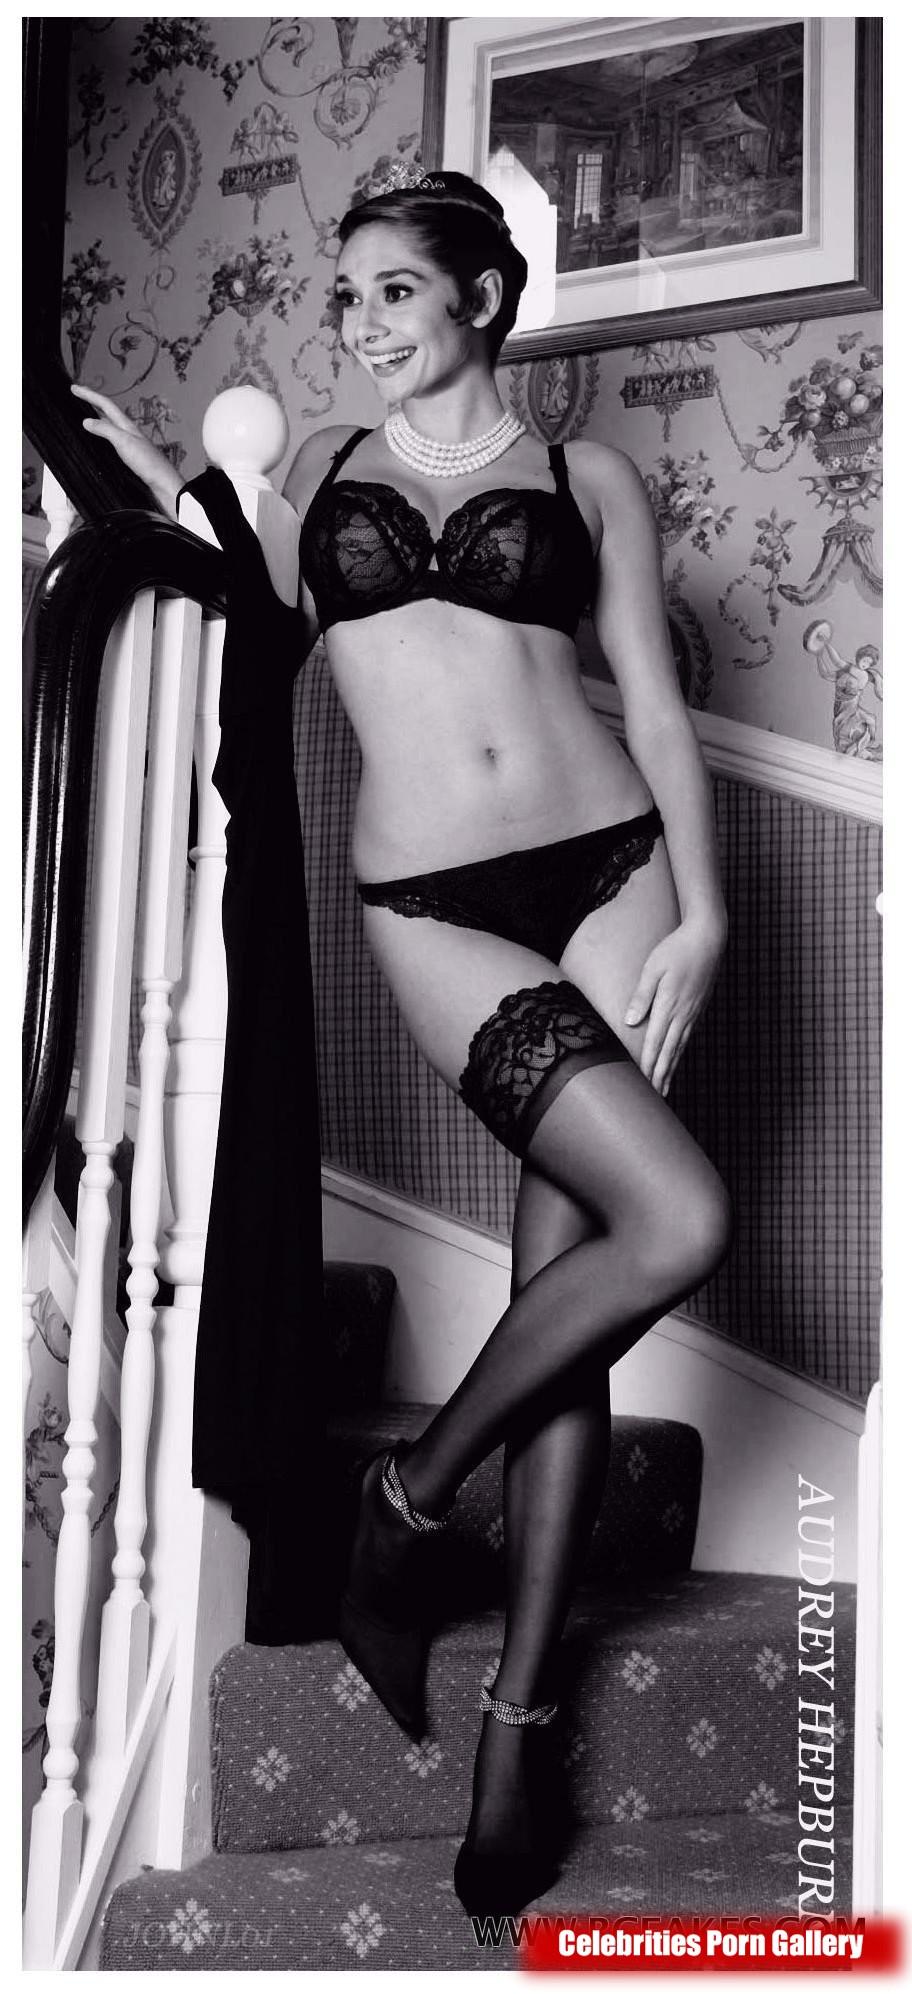 Audrey hepburn nude real excellent